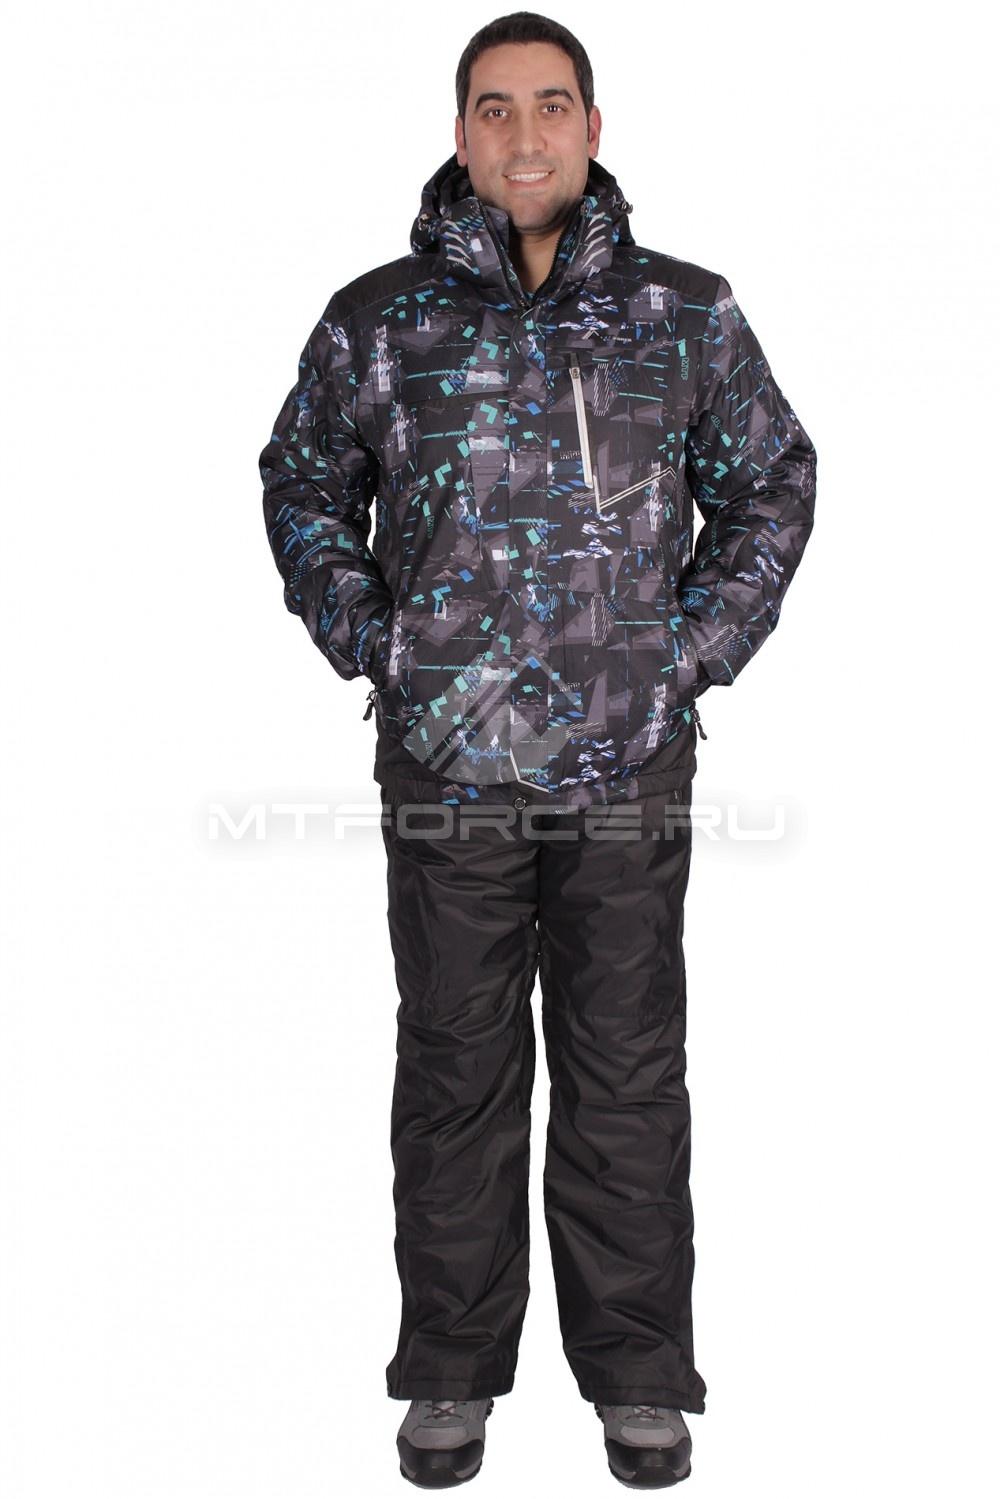 Купить                                  оптом Костюм горнолыжный мужской черного цвета 01509Ch в Санкт-Петербурге